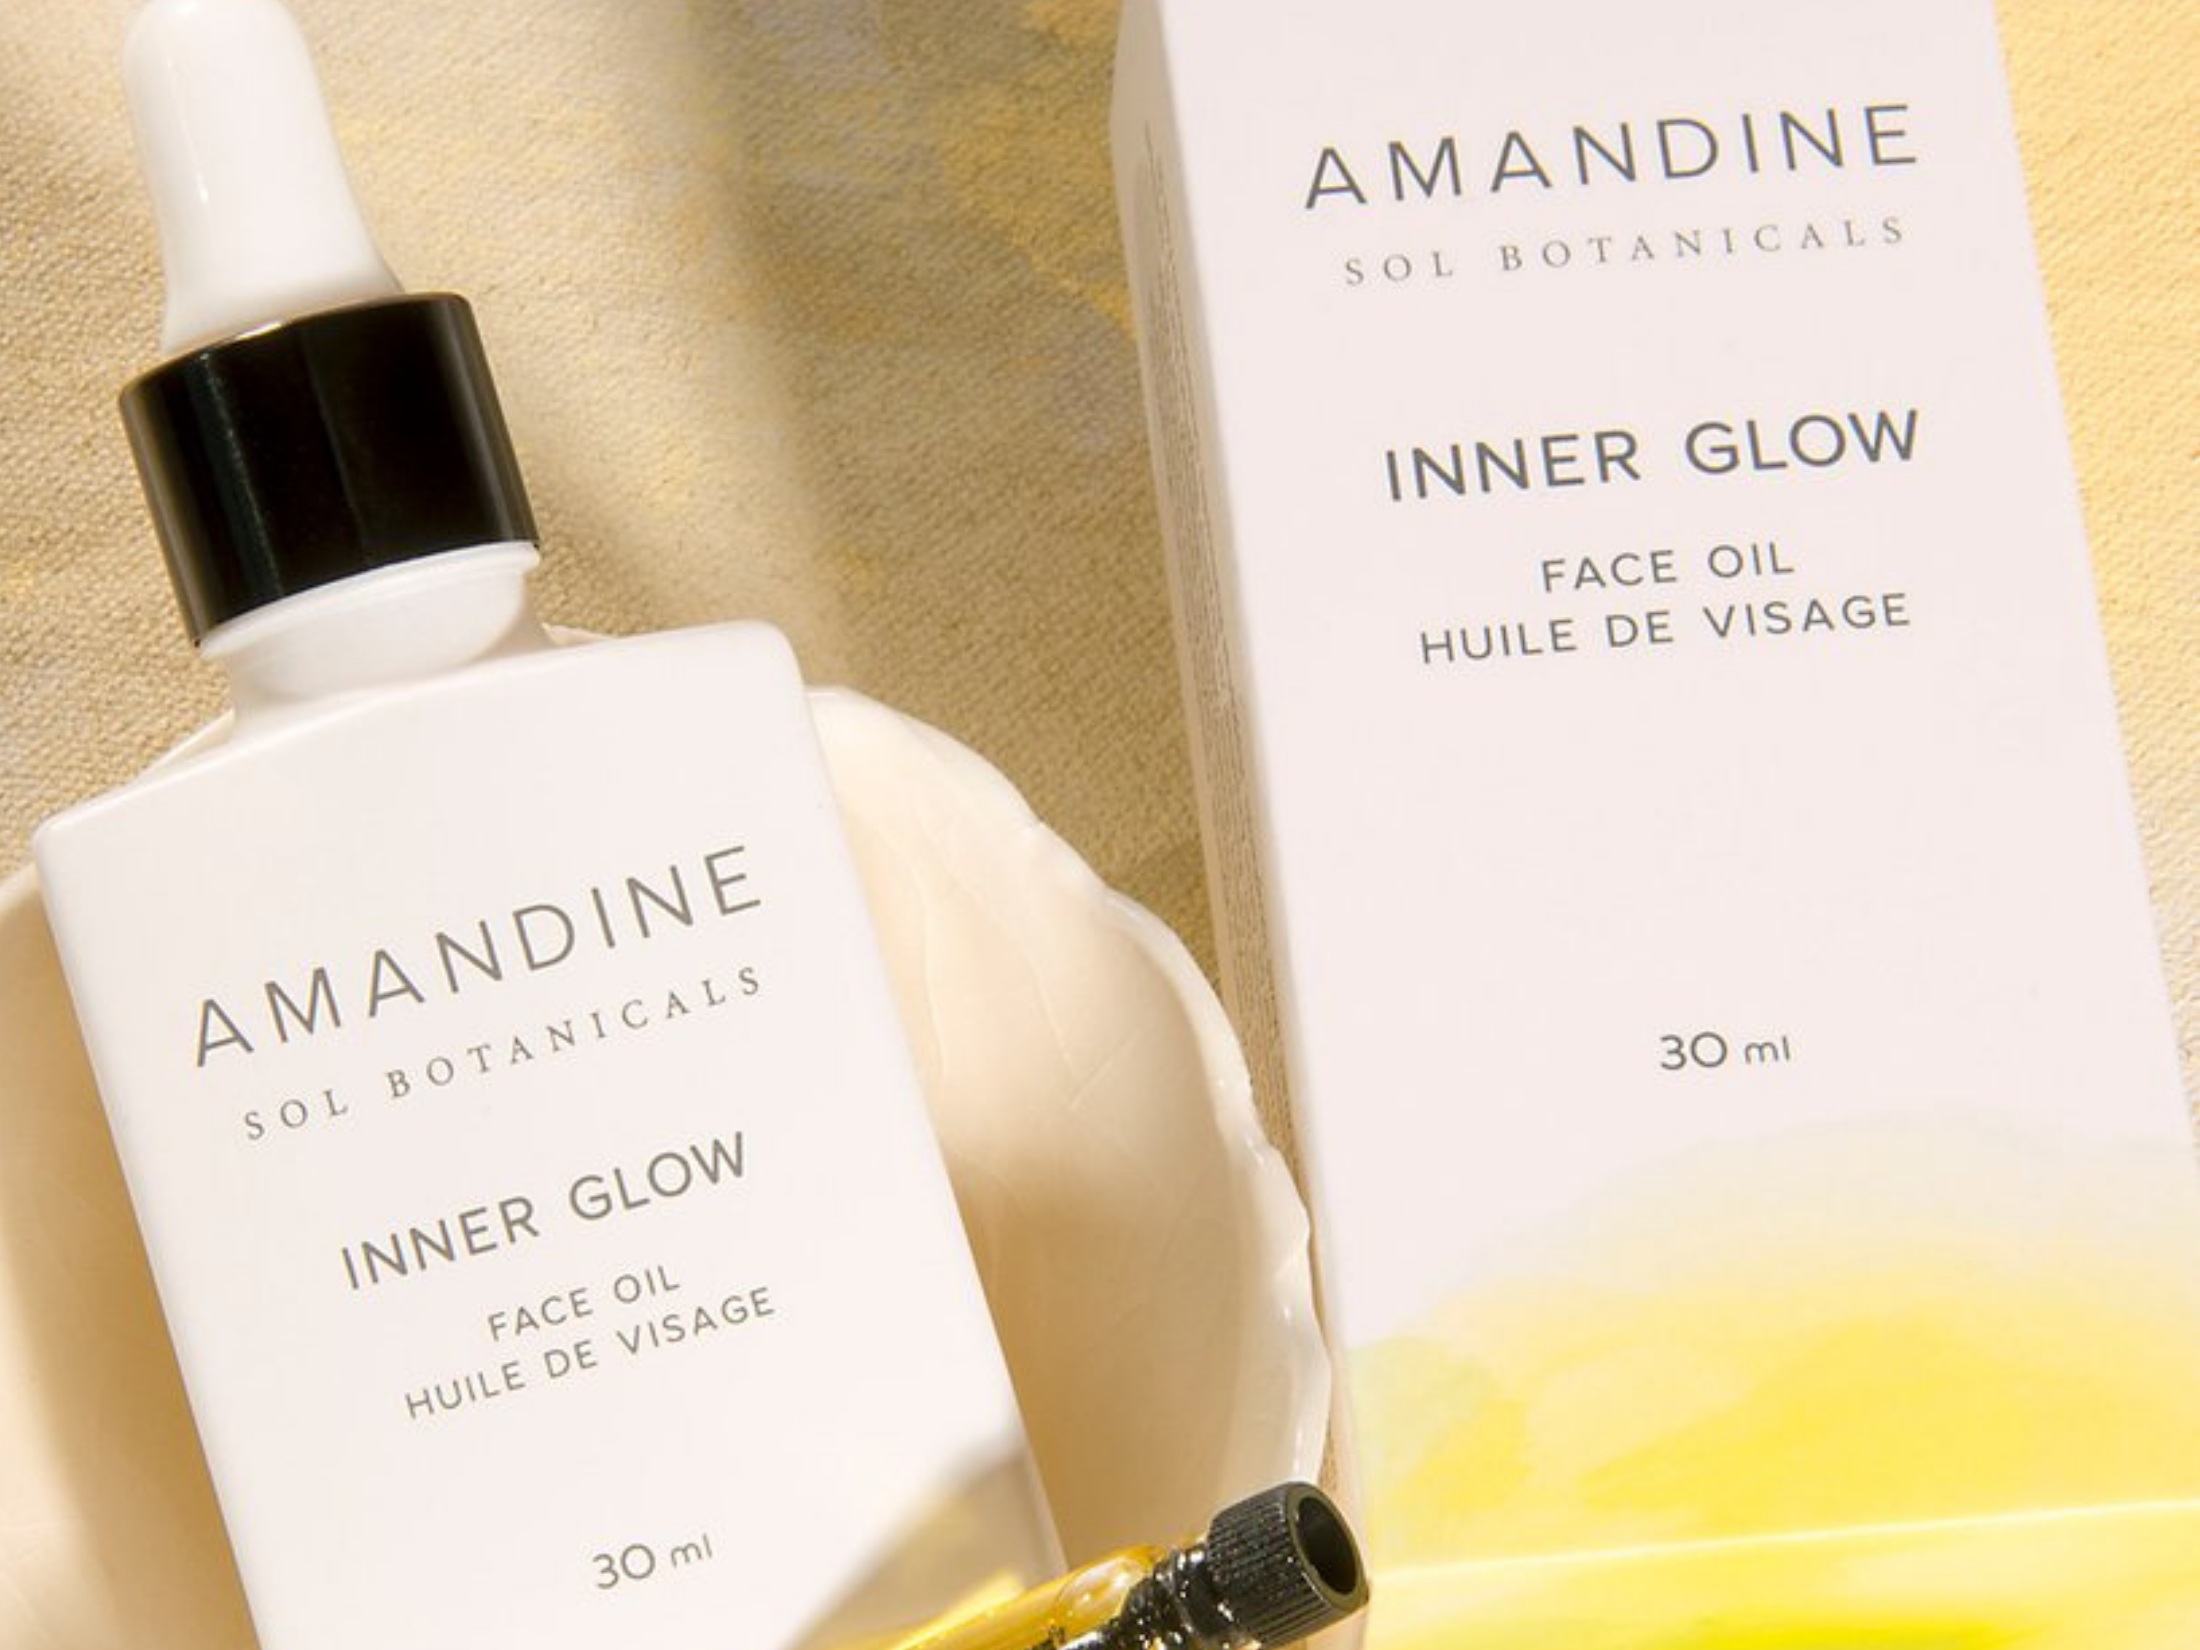 Amandine Sol Botanicals Inner Glow Face Oil